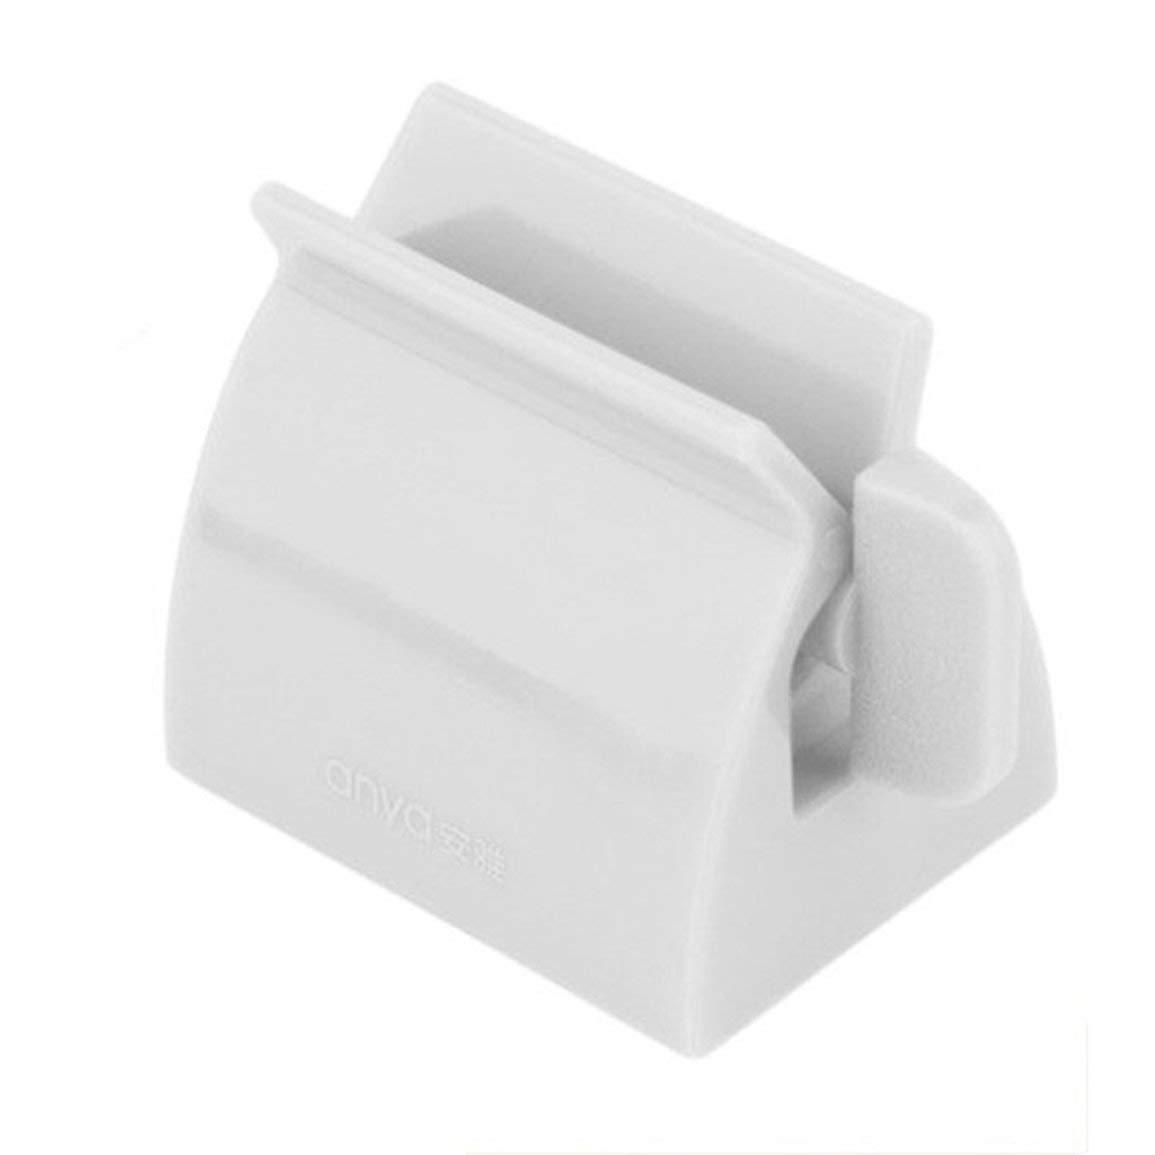 Colore: Bianco Garciayia Spremi Dentifricio Creativo per Bagno Creativo Spremi Dentifricio Creativo per Bagno in Plastica